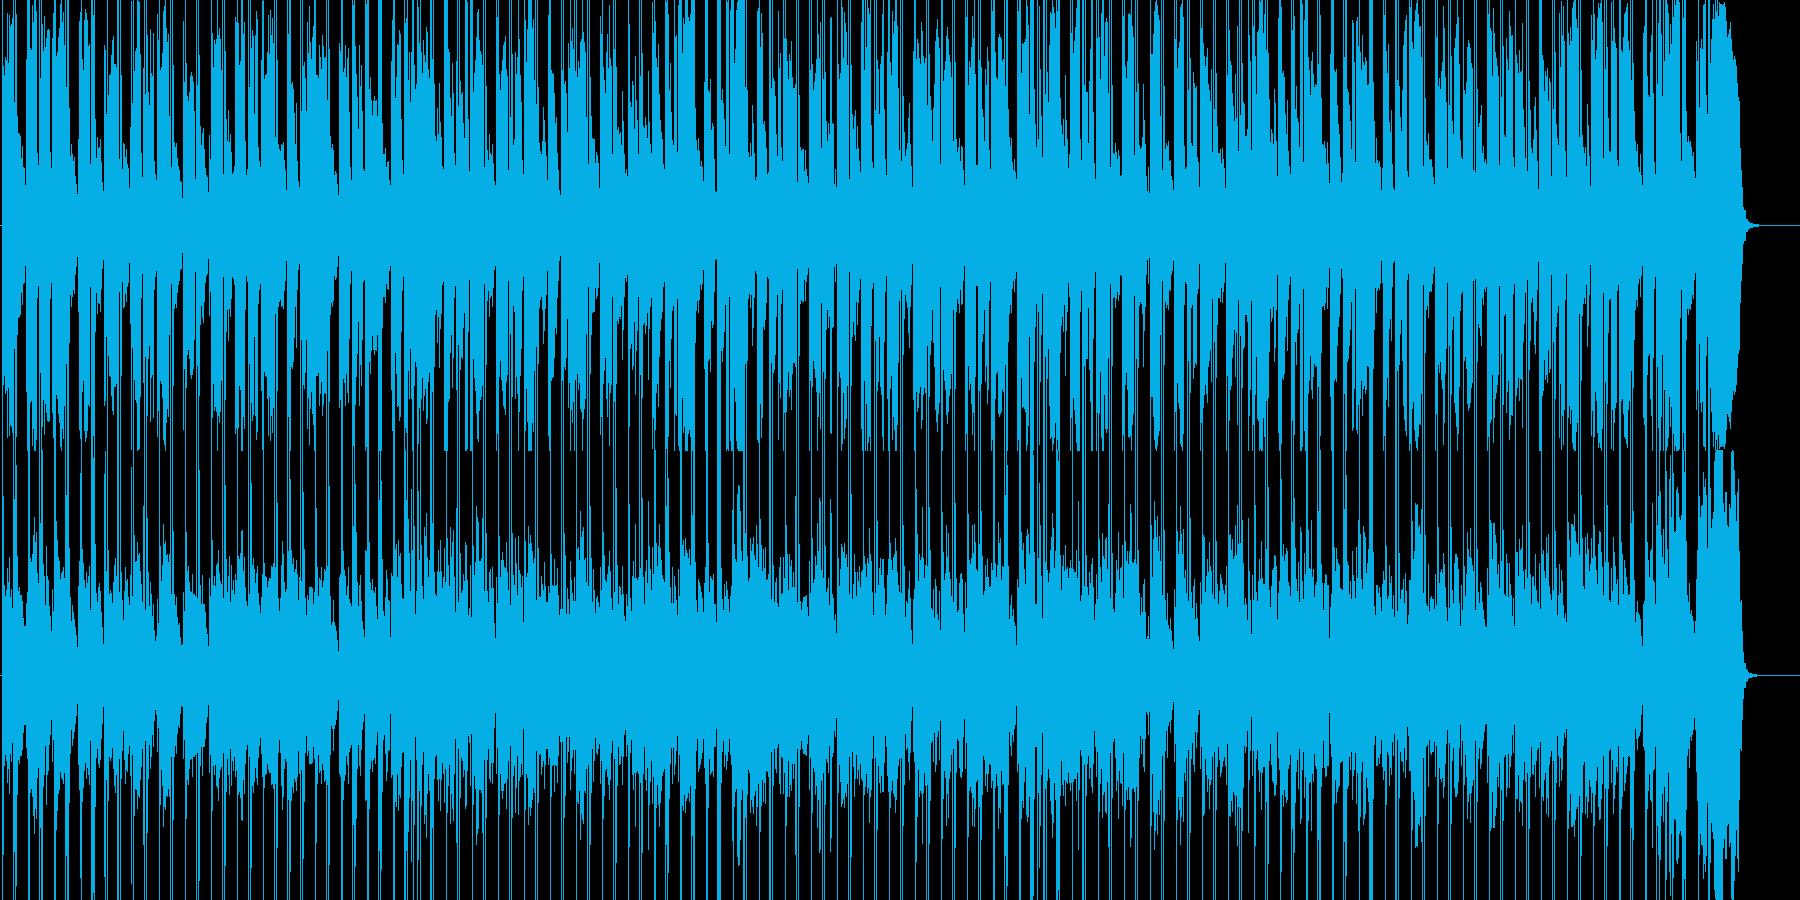 のんびり、軽快に前へ進むイメージの再生済みの波形